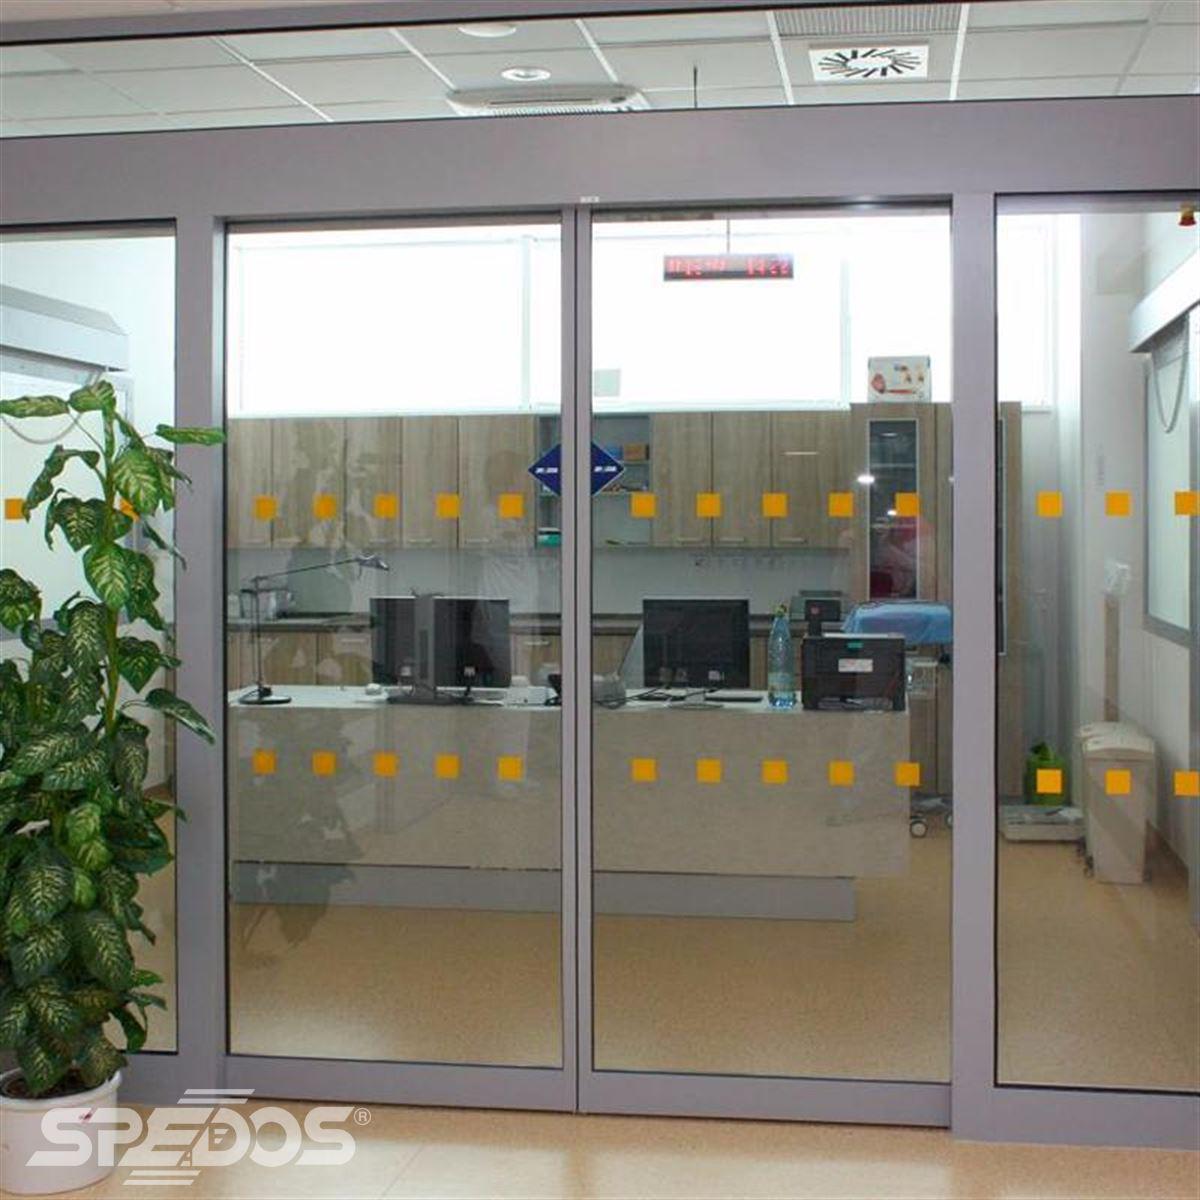 Dvoukřídlé automatické posuvné dveře pro nemocnici sv. Michala 10